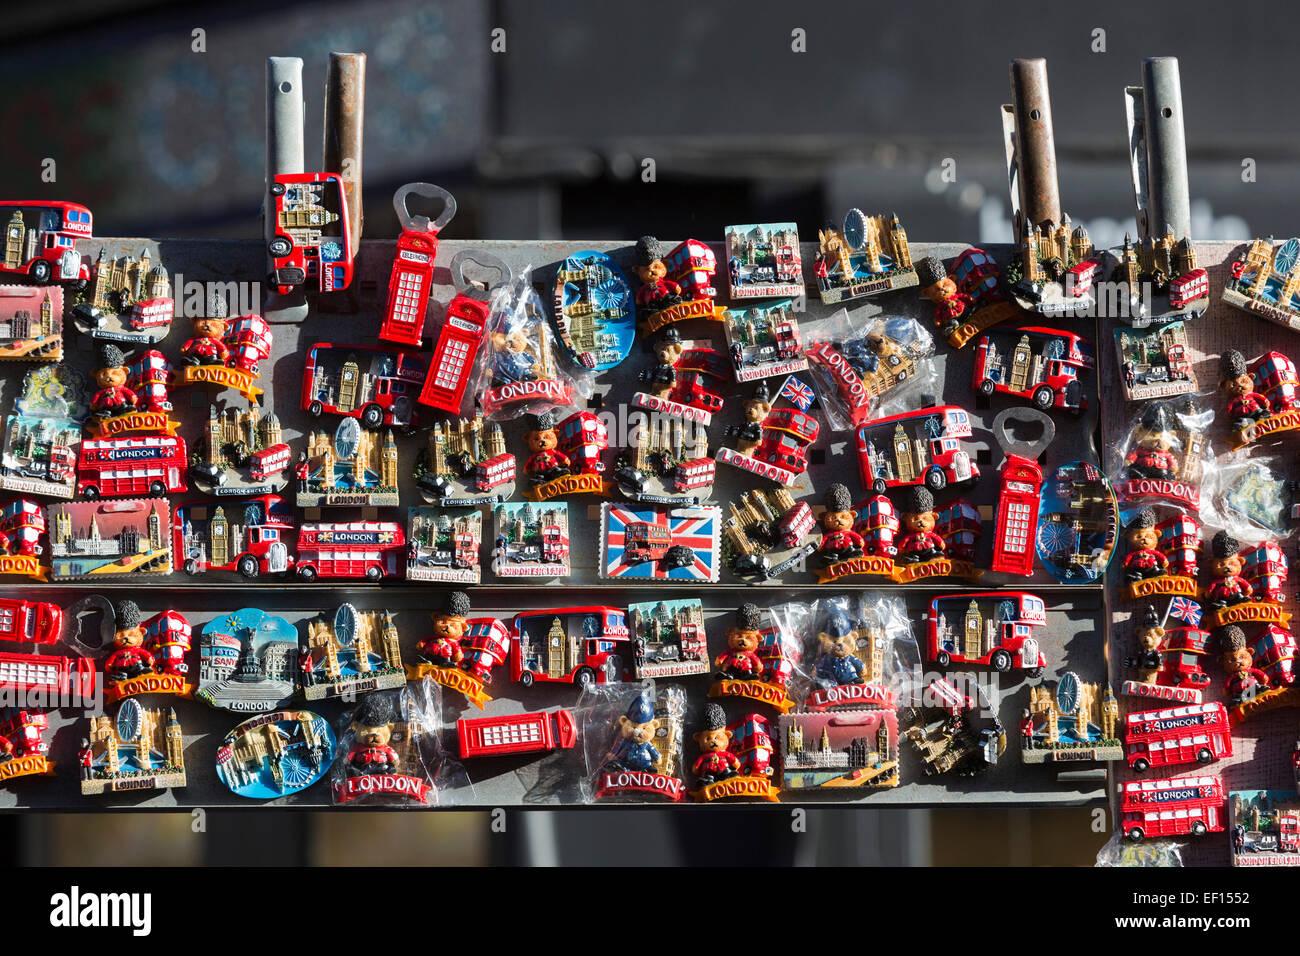 London-Kühlschrank-Magnete zum Verkauf an einen Markt stall bei ...